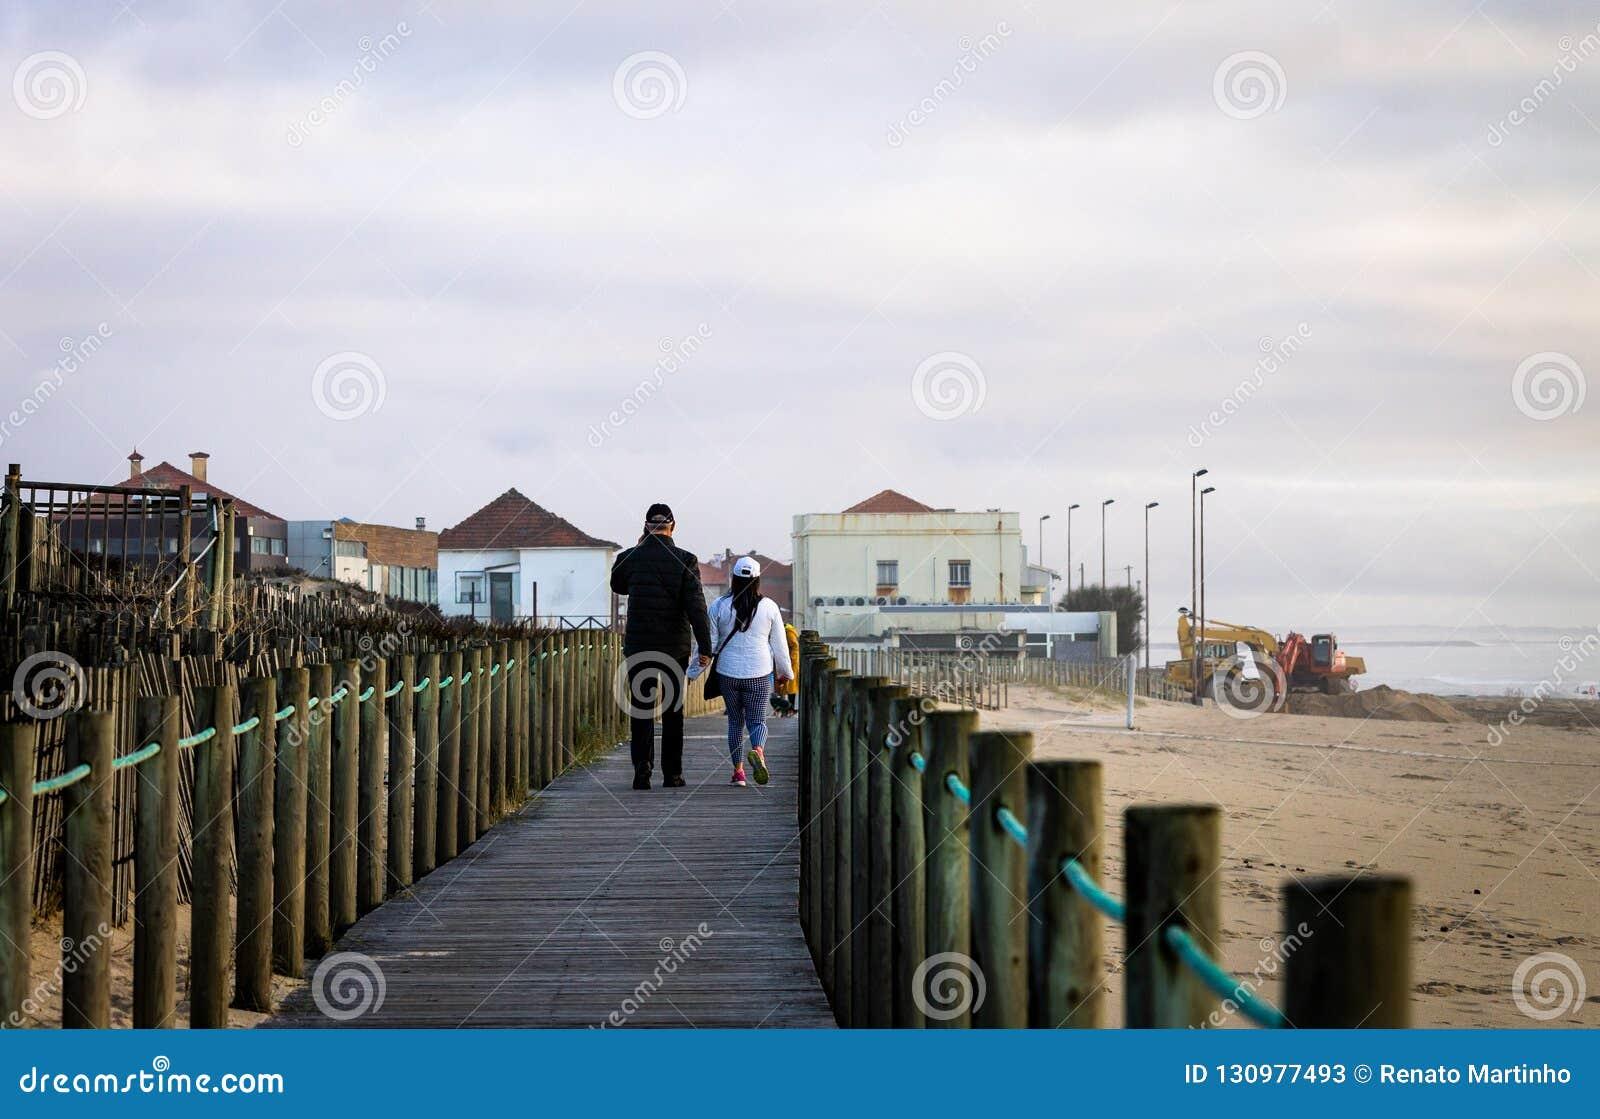 El par camina en paseo marítimo en la playa